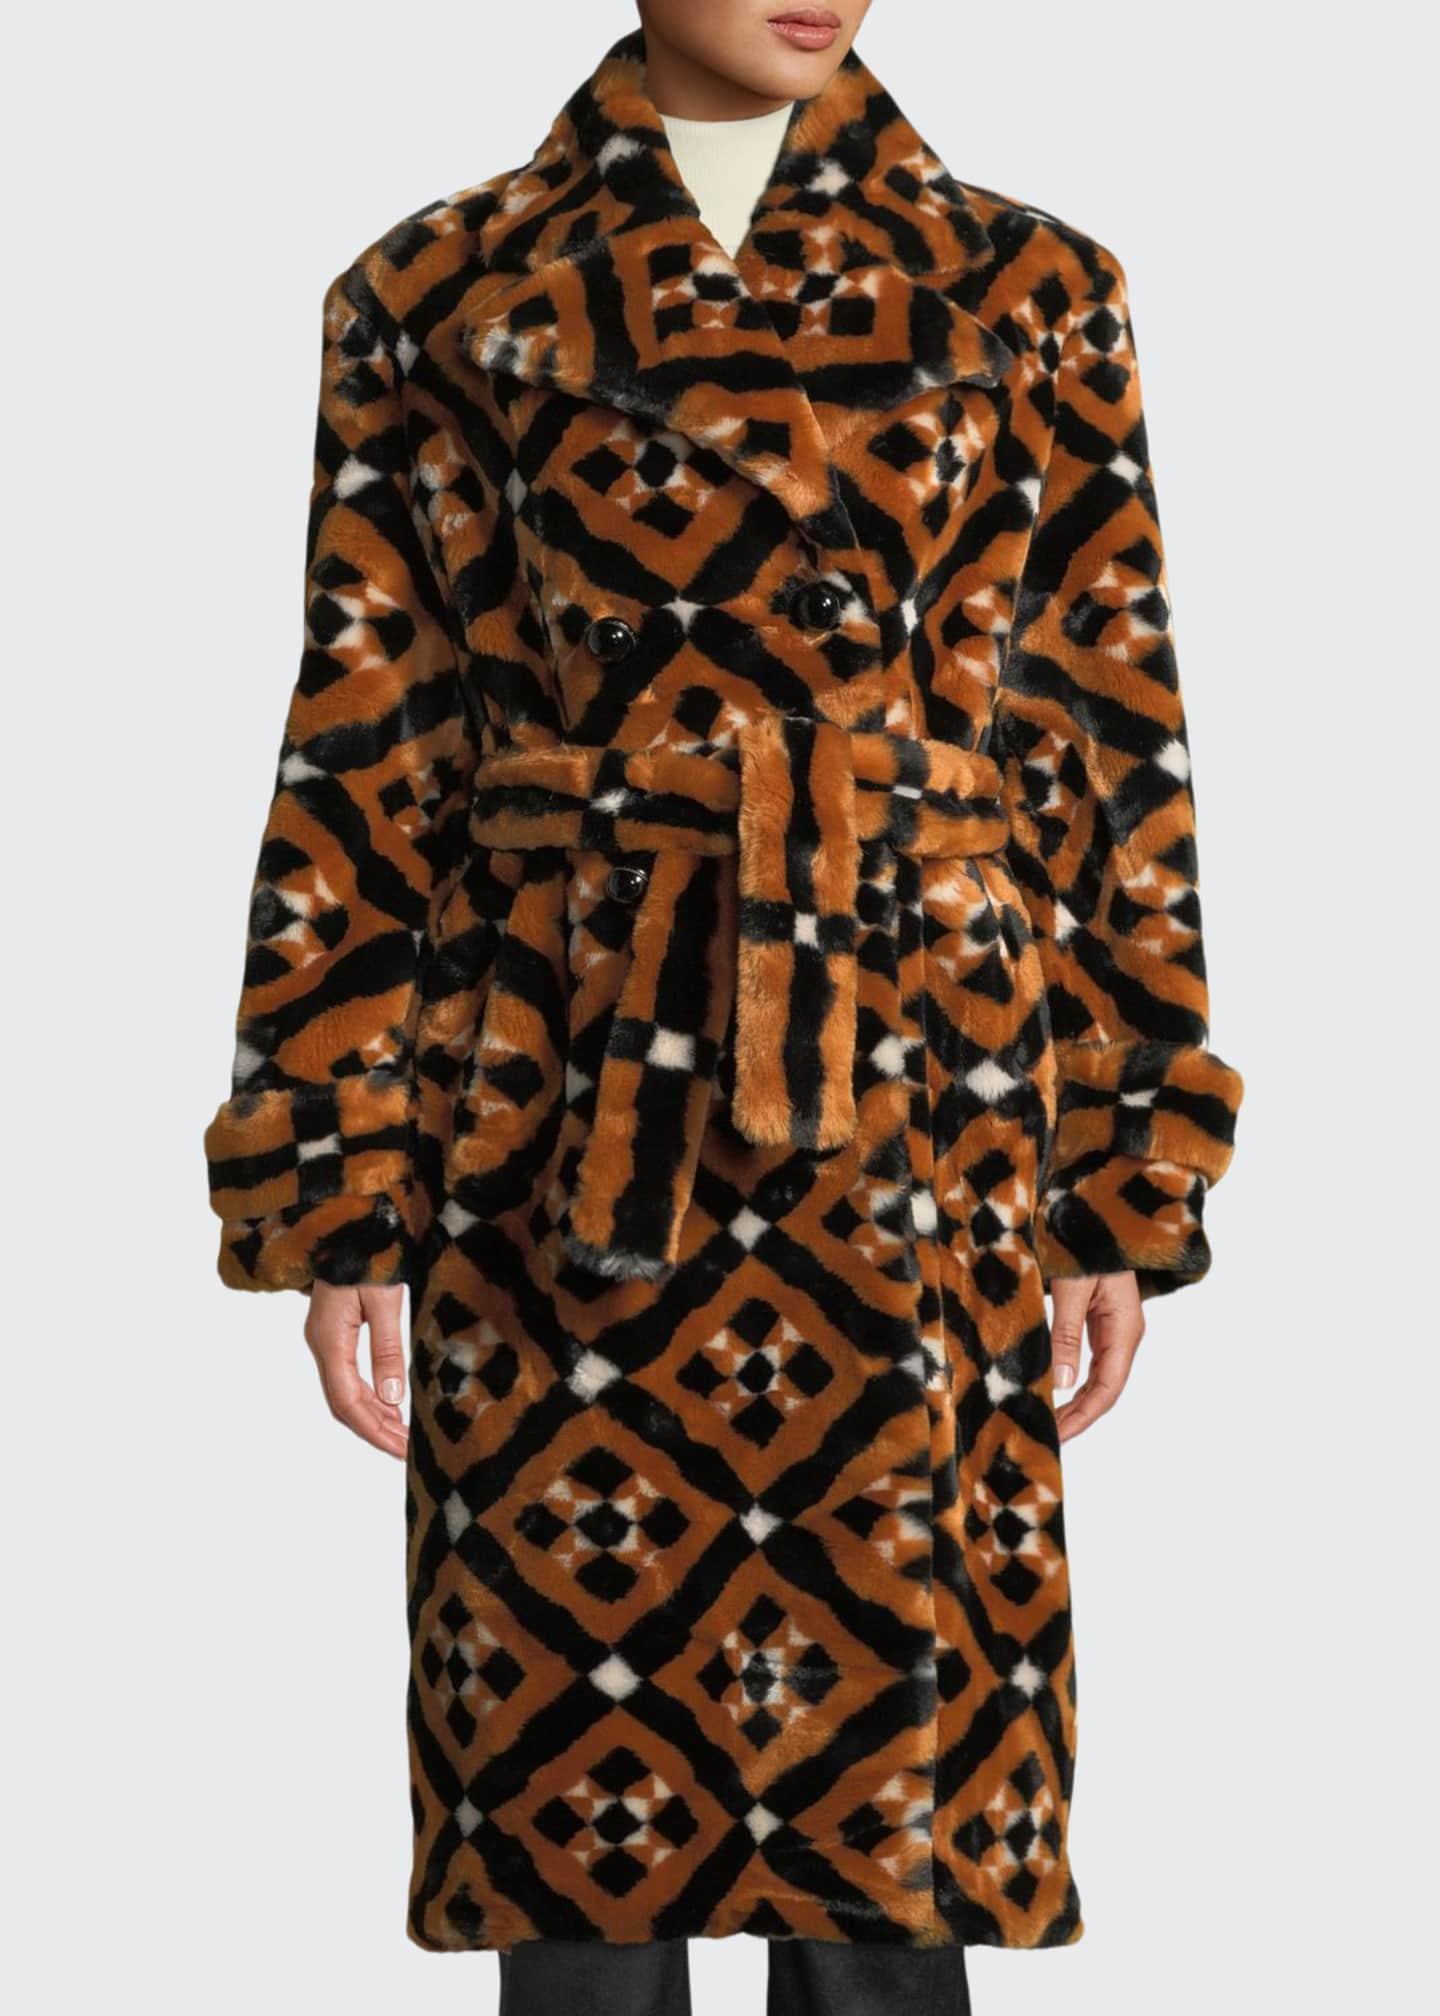 Mary Katrantzou Stokes Double-Breasted Tie-Waist Tile-Print